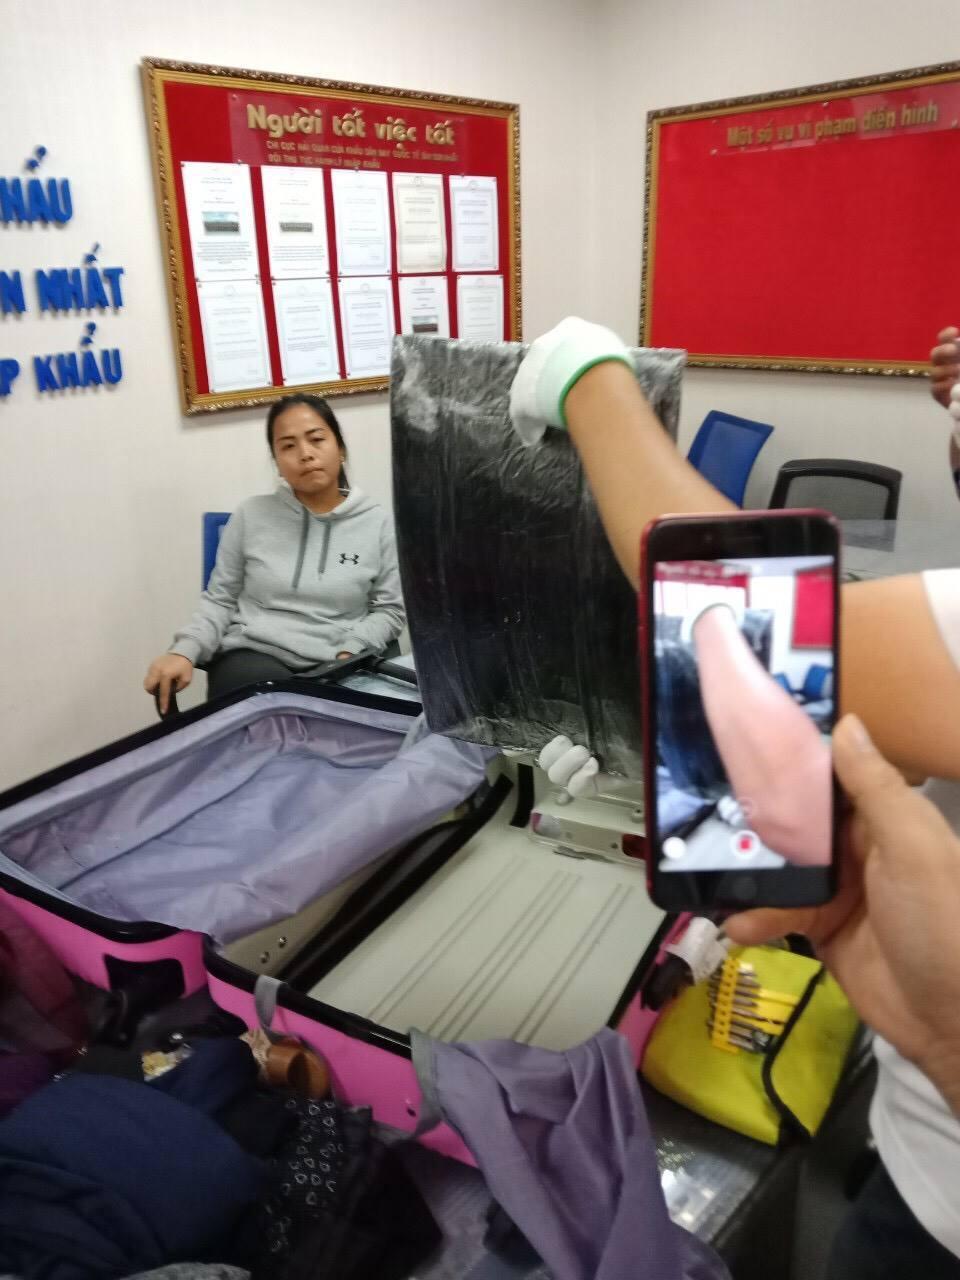 Nữ hành khách Malaysia giấu 4,42 kg cocaine trong thành vali